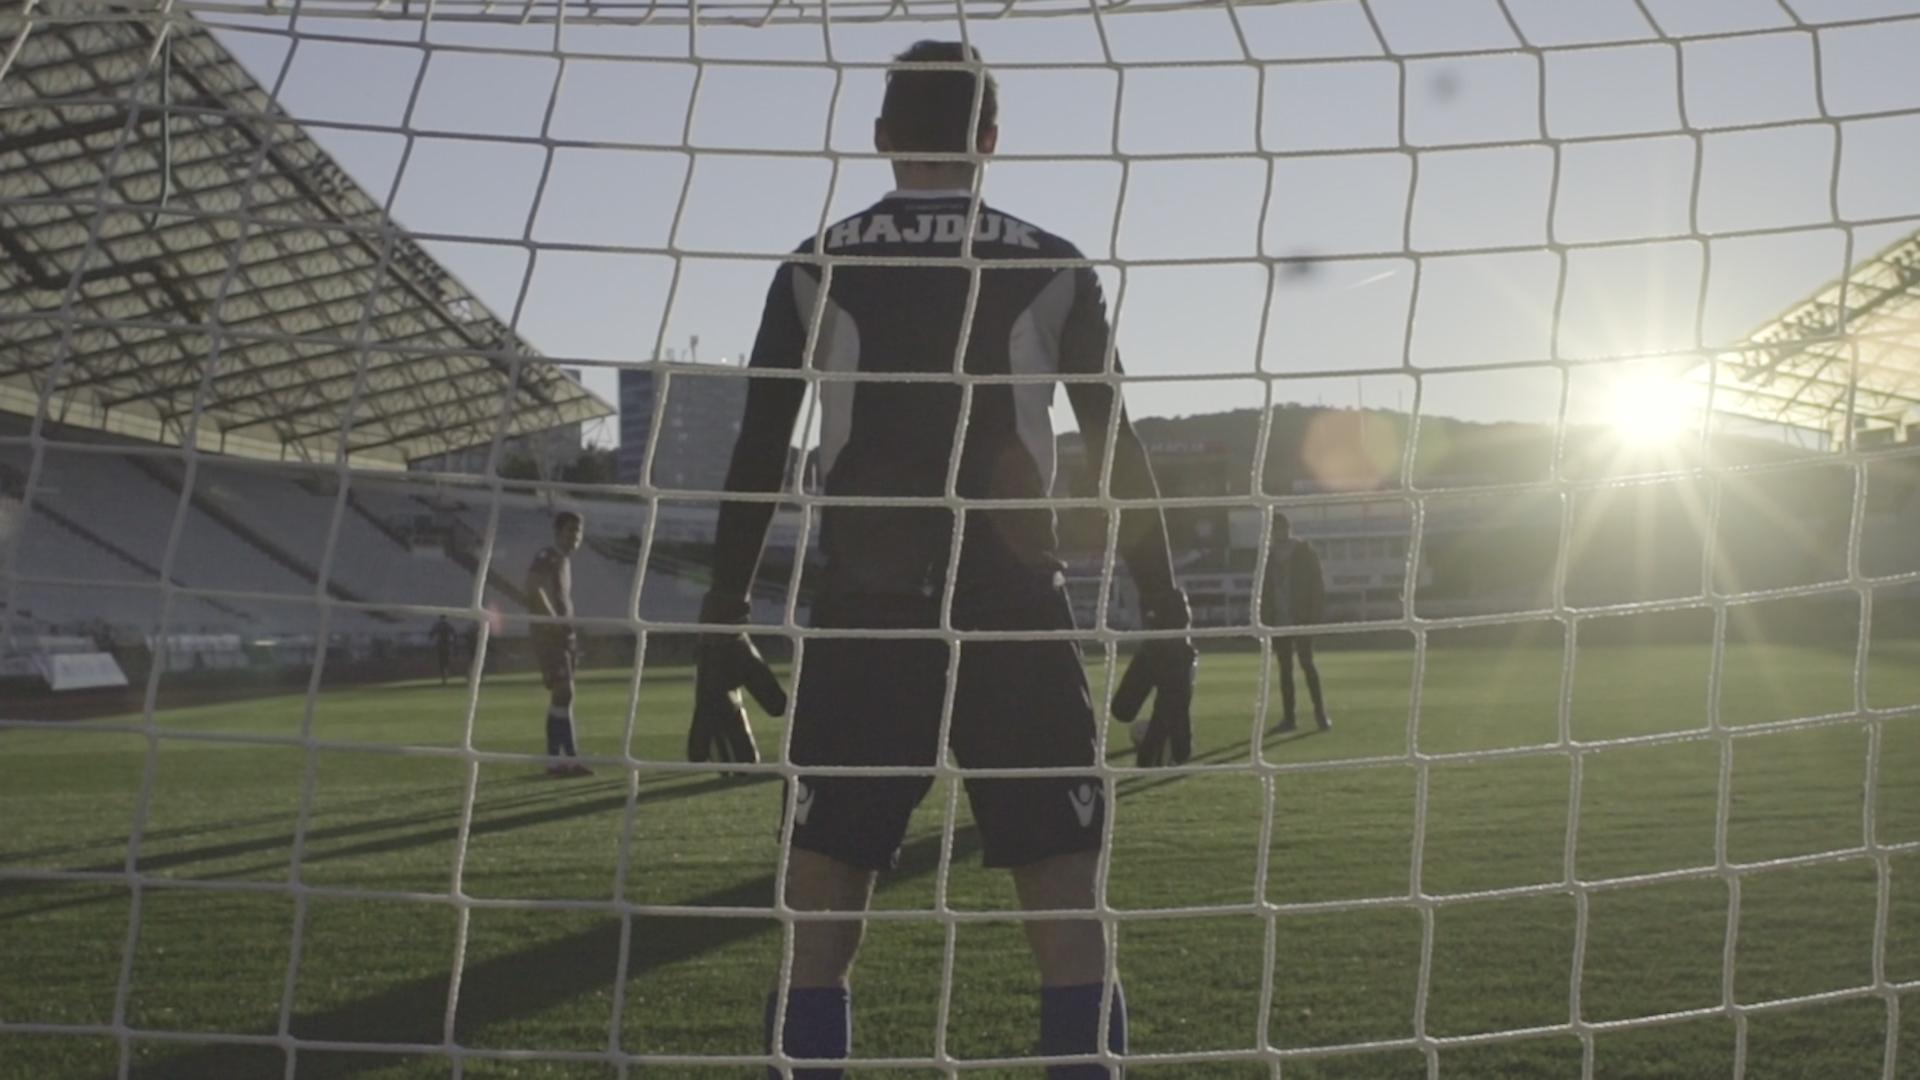 Hajduk Izzy - City of football